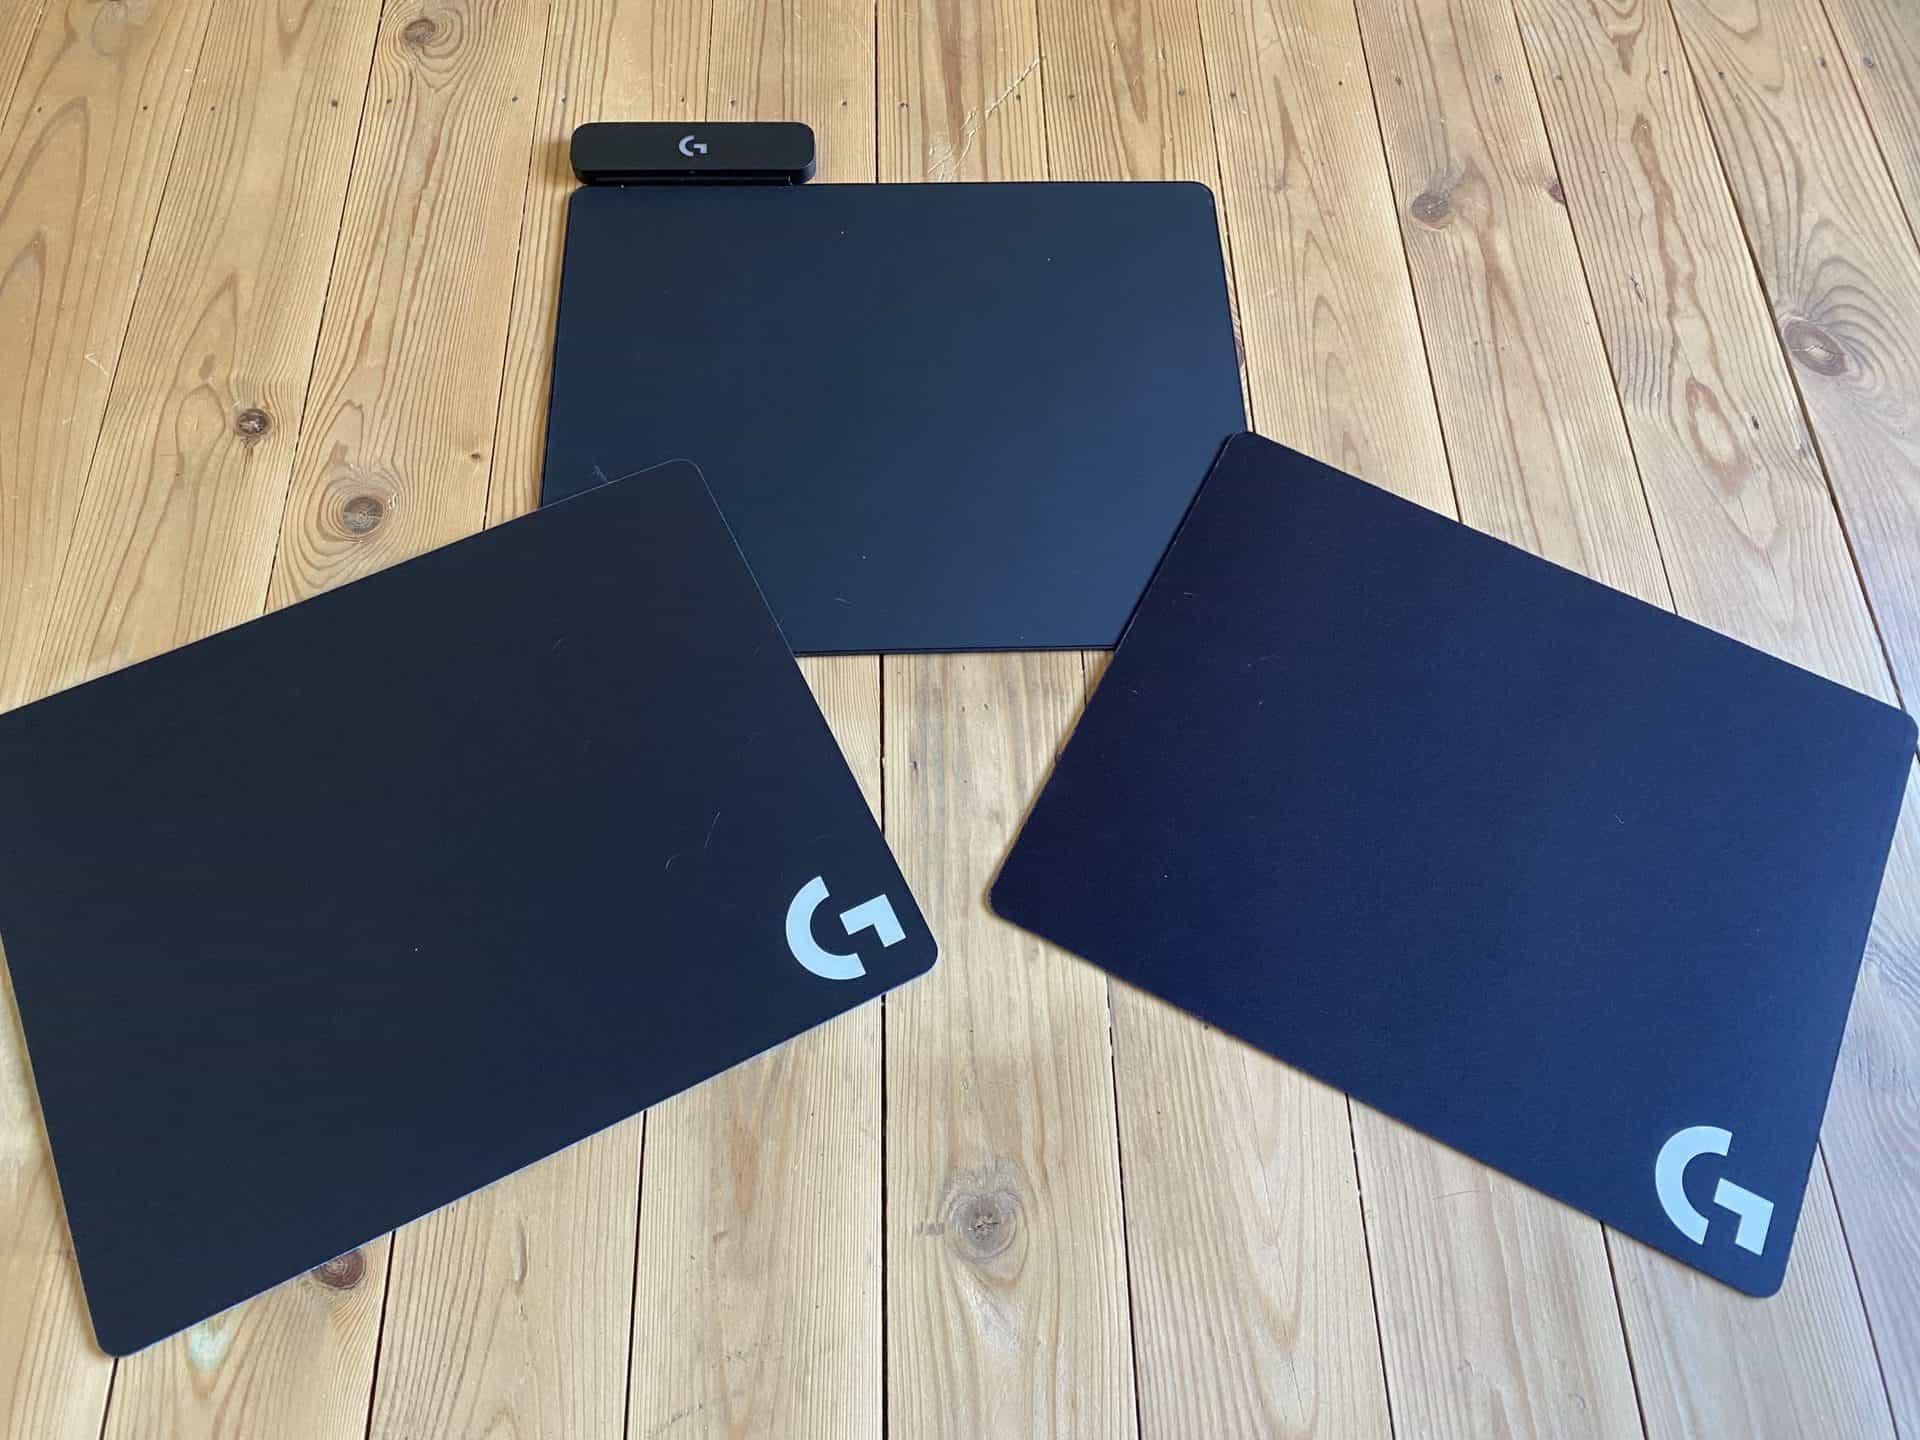 Les deux surfaces livrées avec le Logitech Powerplay